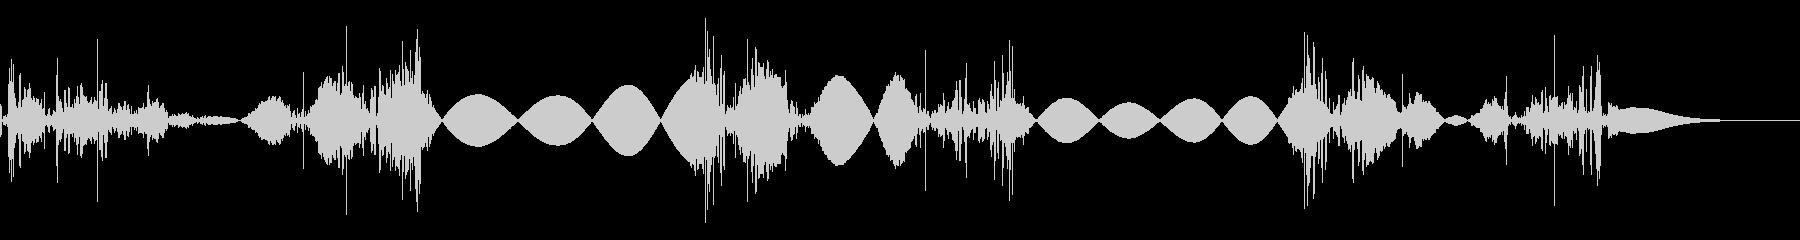 シャカシャカシャカ(高速)の未再生の波形